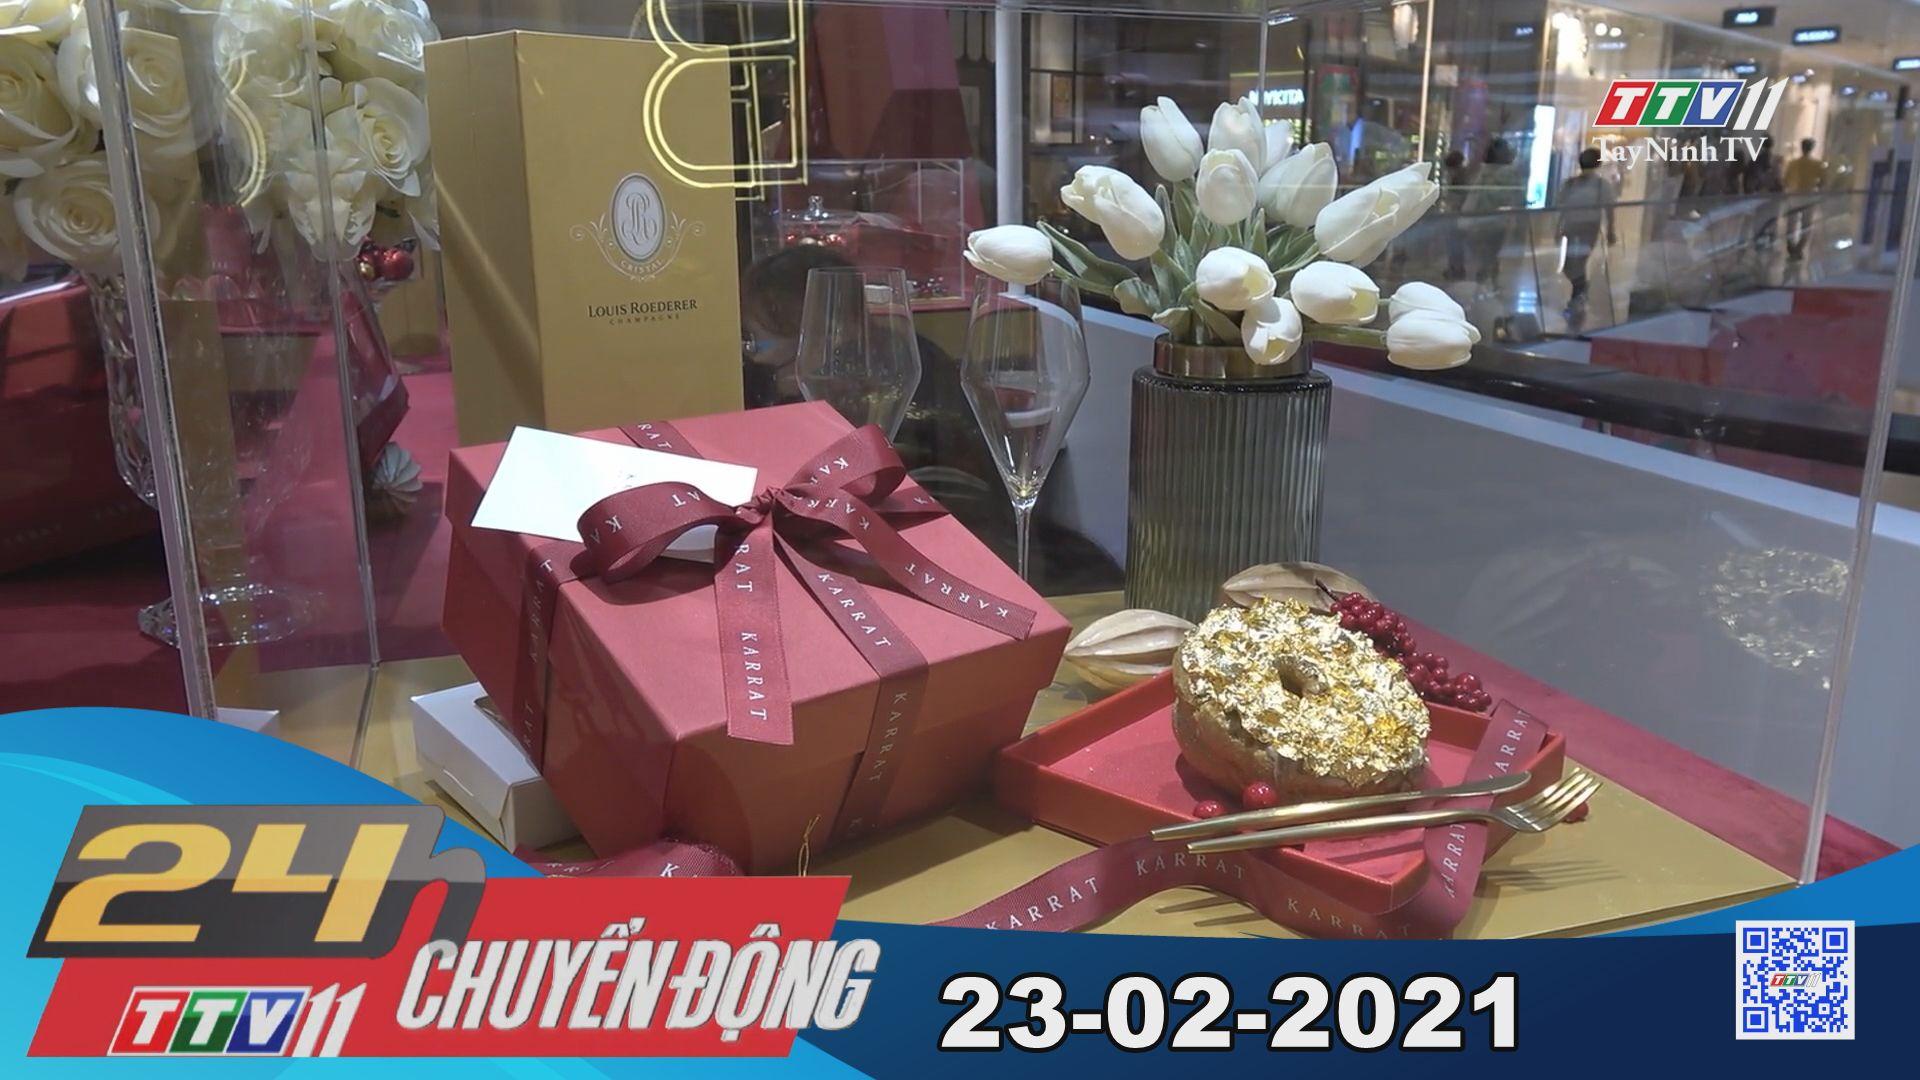 24h Chuyển động 23-02-2021 | Tin tức hôm nay | TayNinhTV